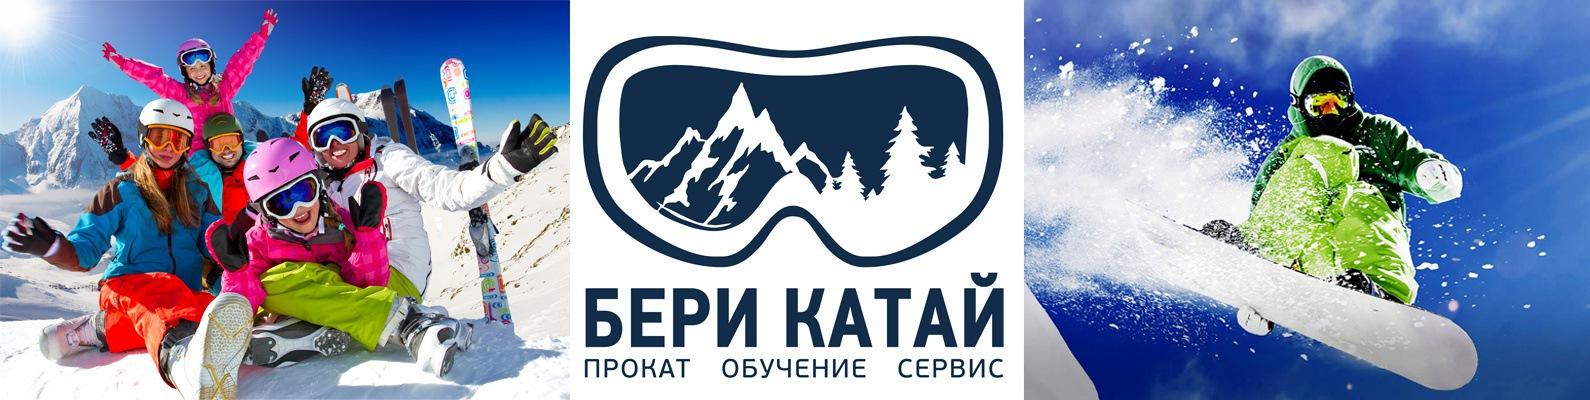 прокат лыж красная поляна 2015 Азс